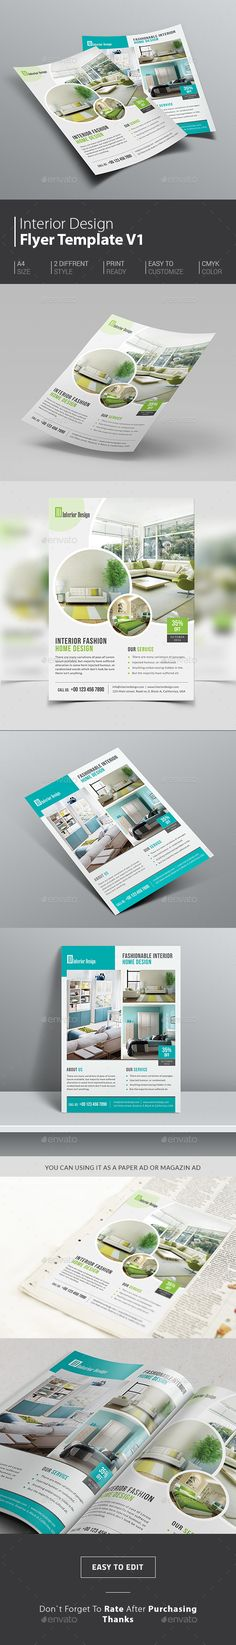 Interior Design Brochure Template Brochures, Brochure template - interior design brochure template